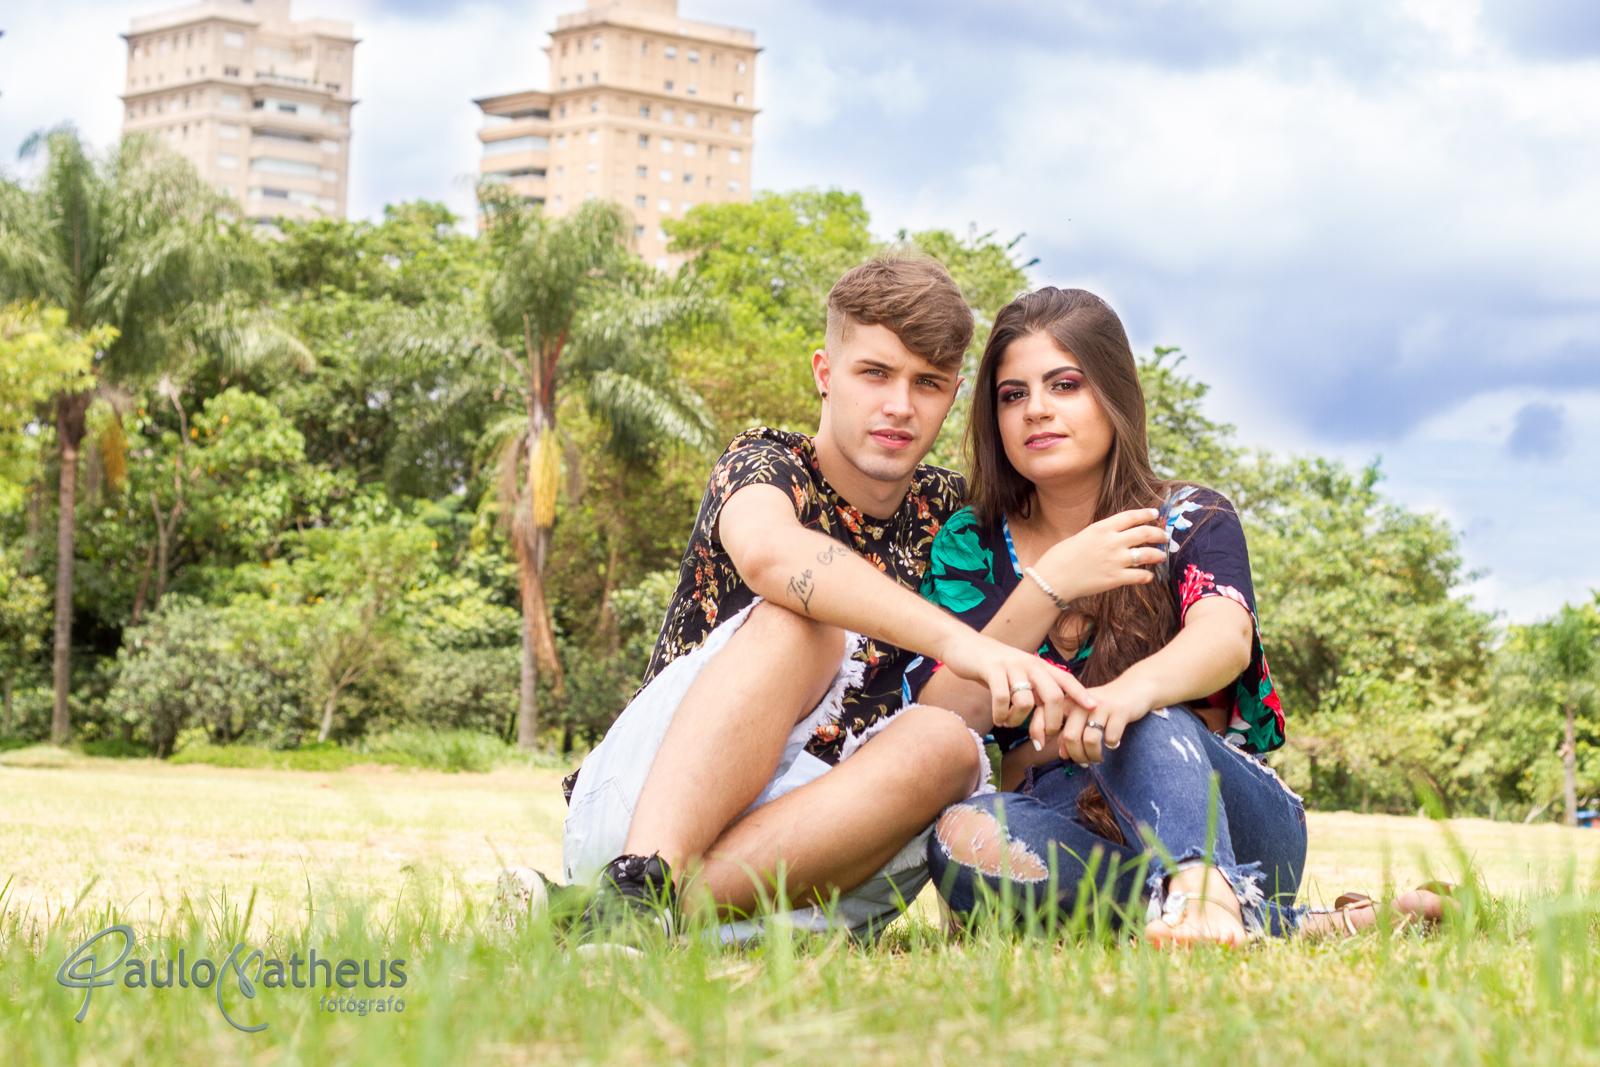 fotografia de casal sentado no parque em ensaio fotográfico pré wedding